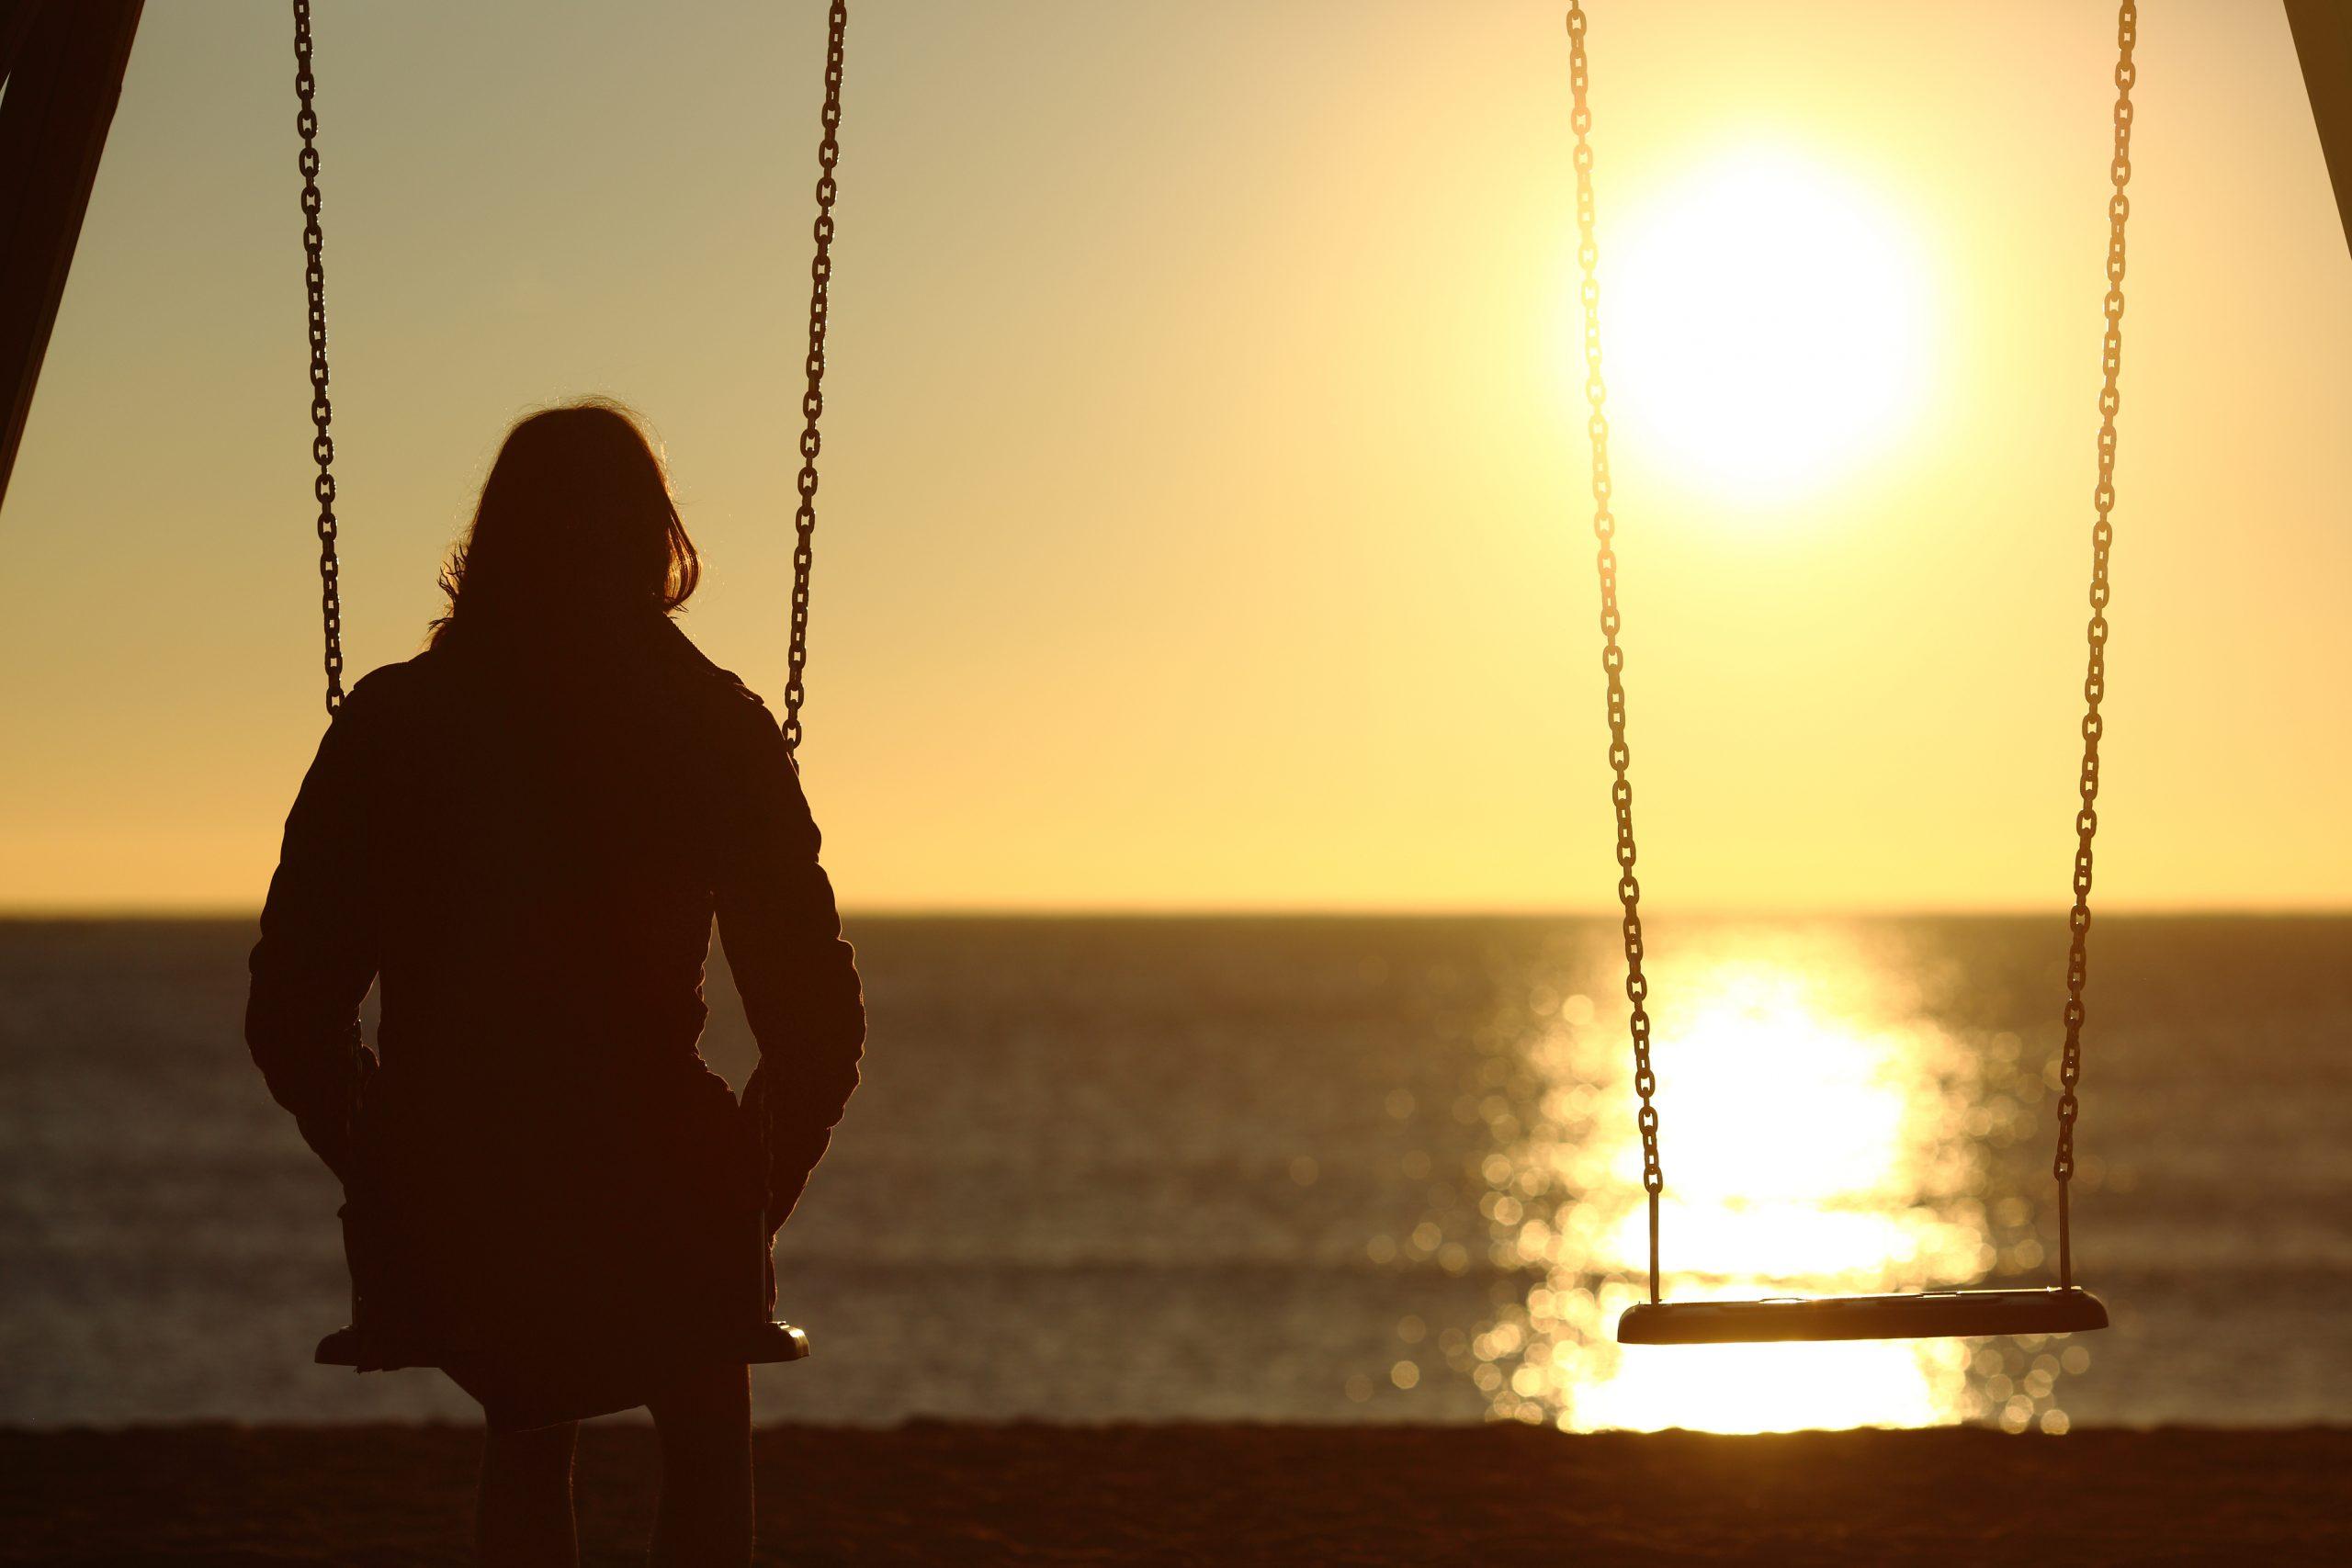 水晶玉子の恋愛占い|脈薄の訳アリ恋【既婚/恋人有/歳の差】2人は交際できる?